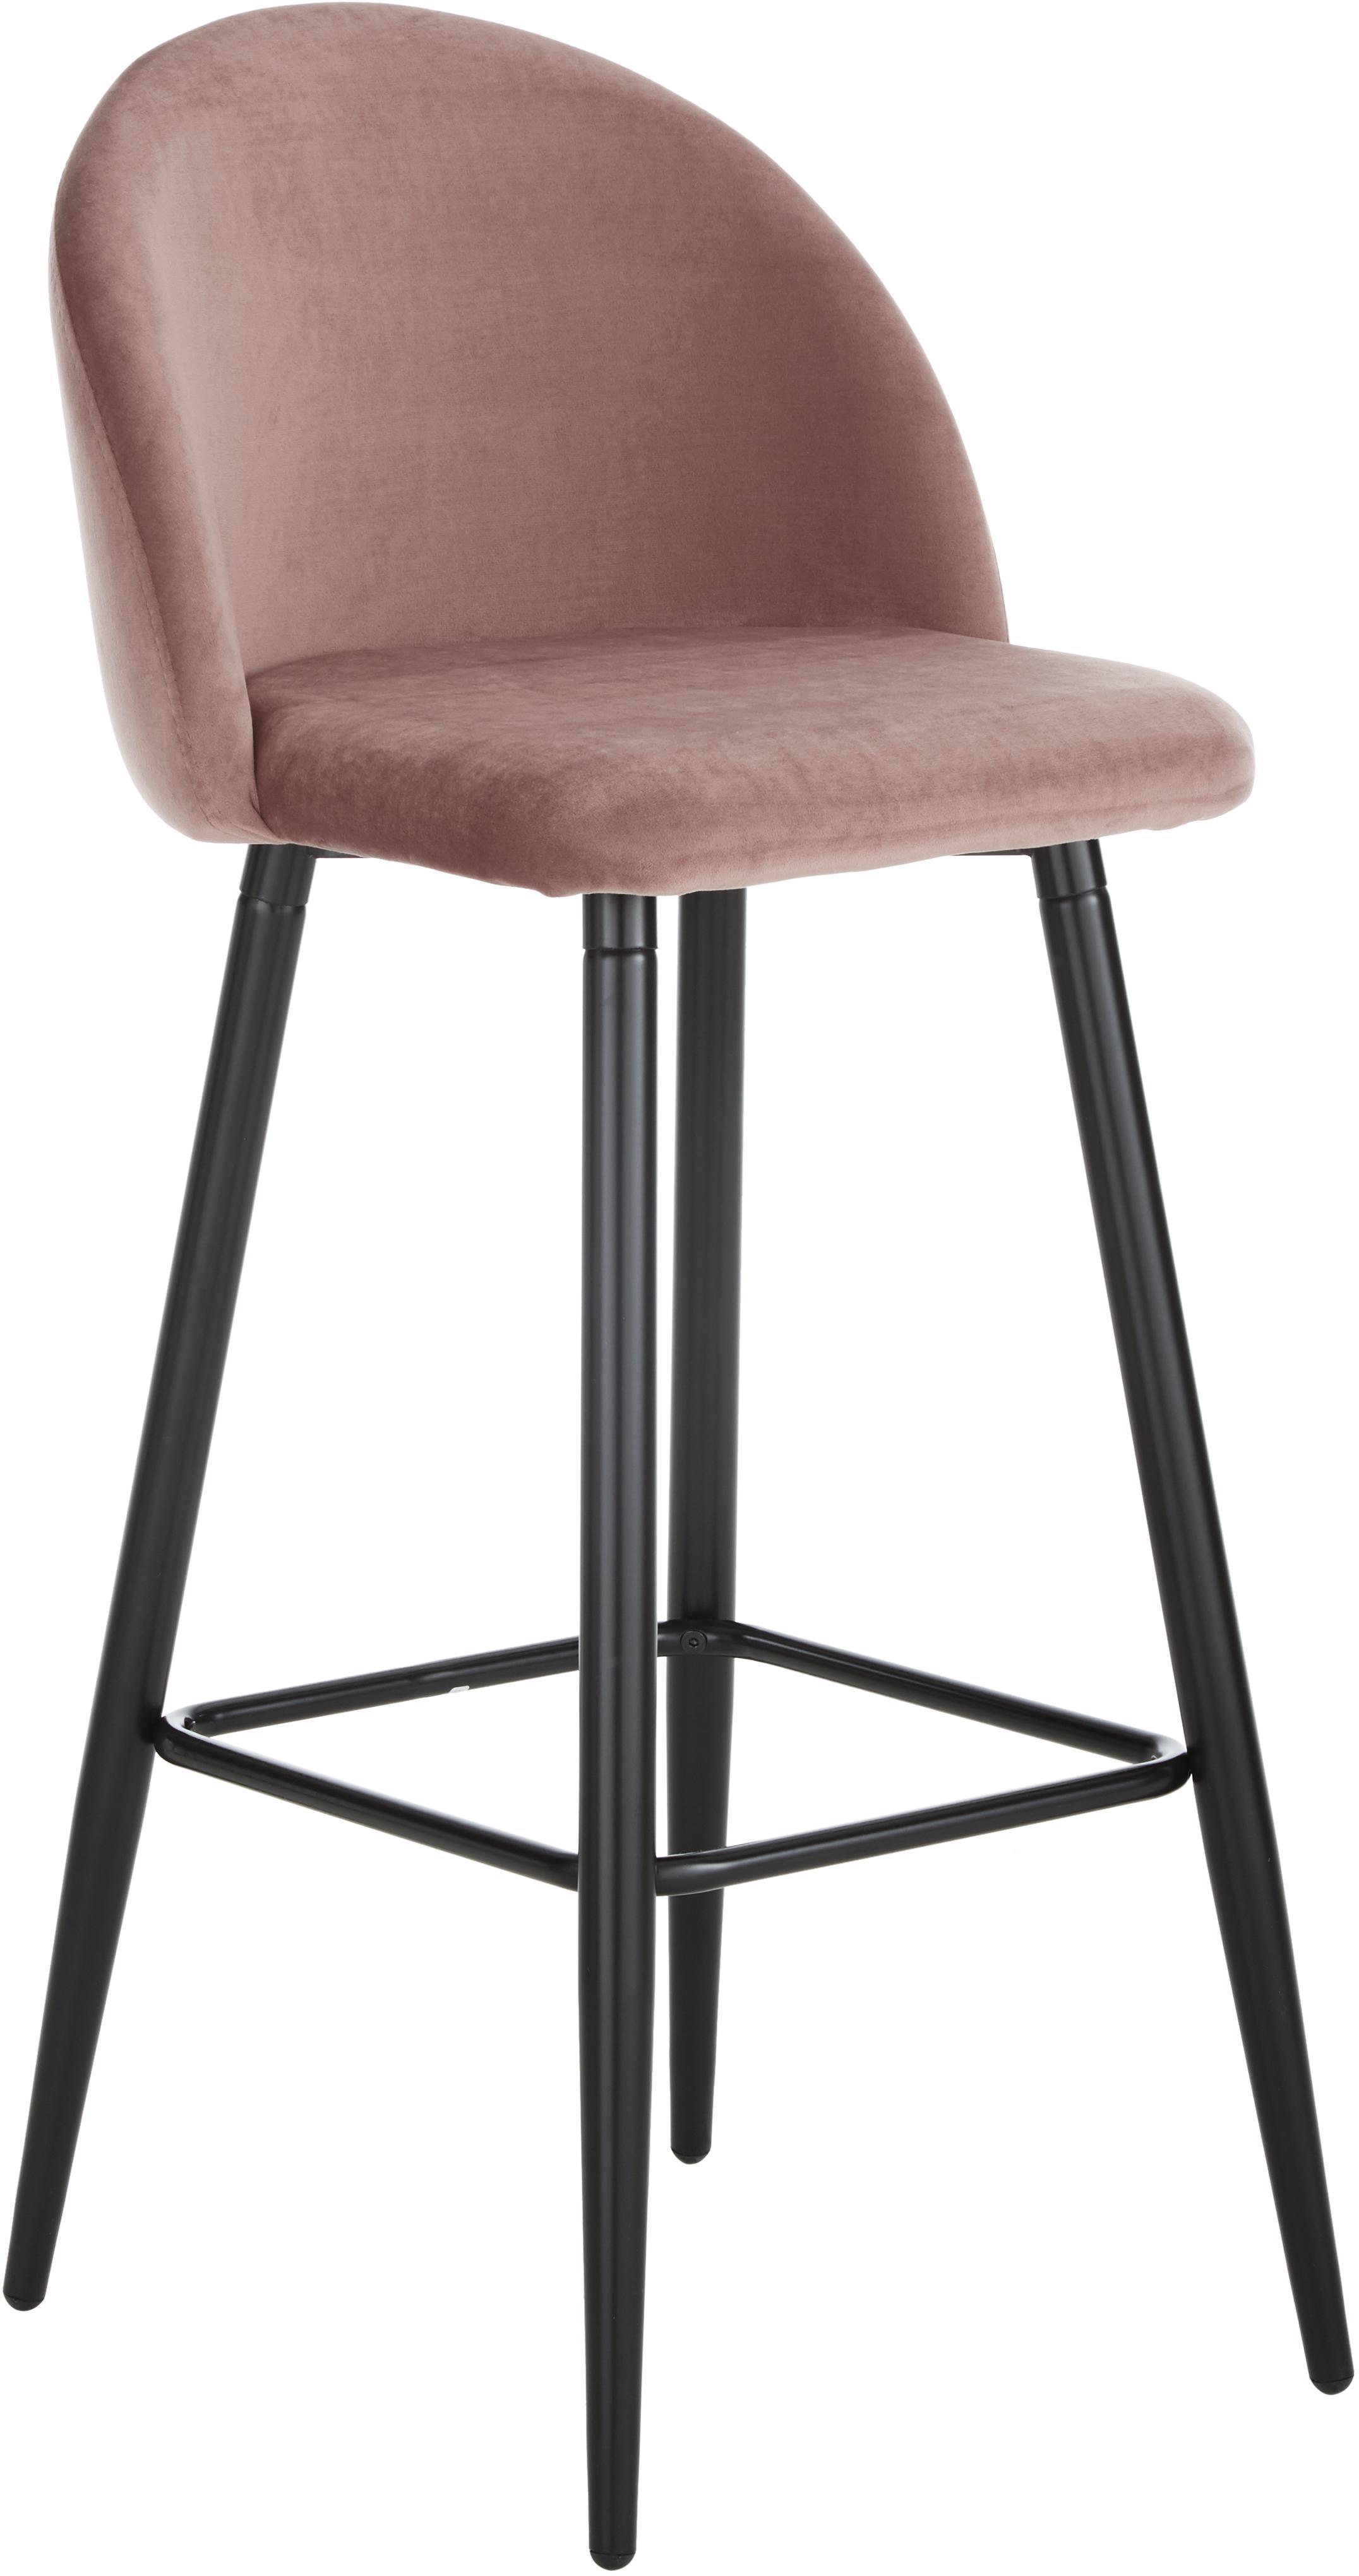 Samt-Barstuhl Amy in Rosa, Bezug: Samt (Polyester) 20.000 S, Beine: Metall, pulverbeschichtet, Samt Rosa, 45 x 103 cm